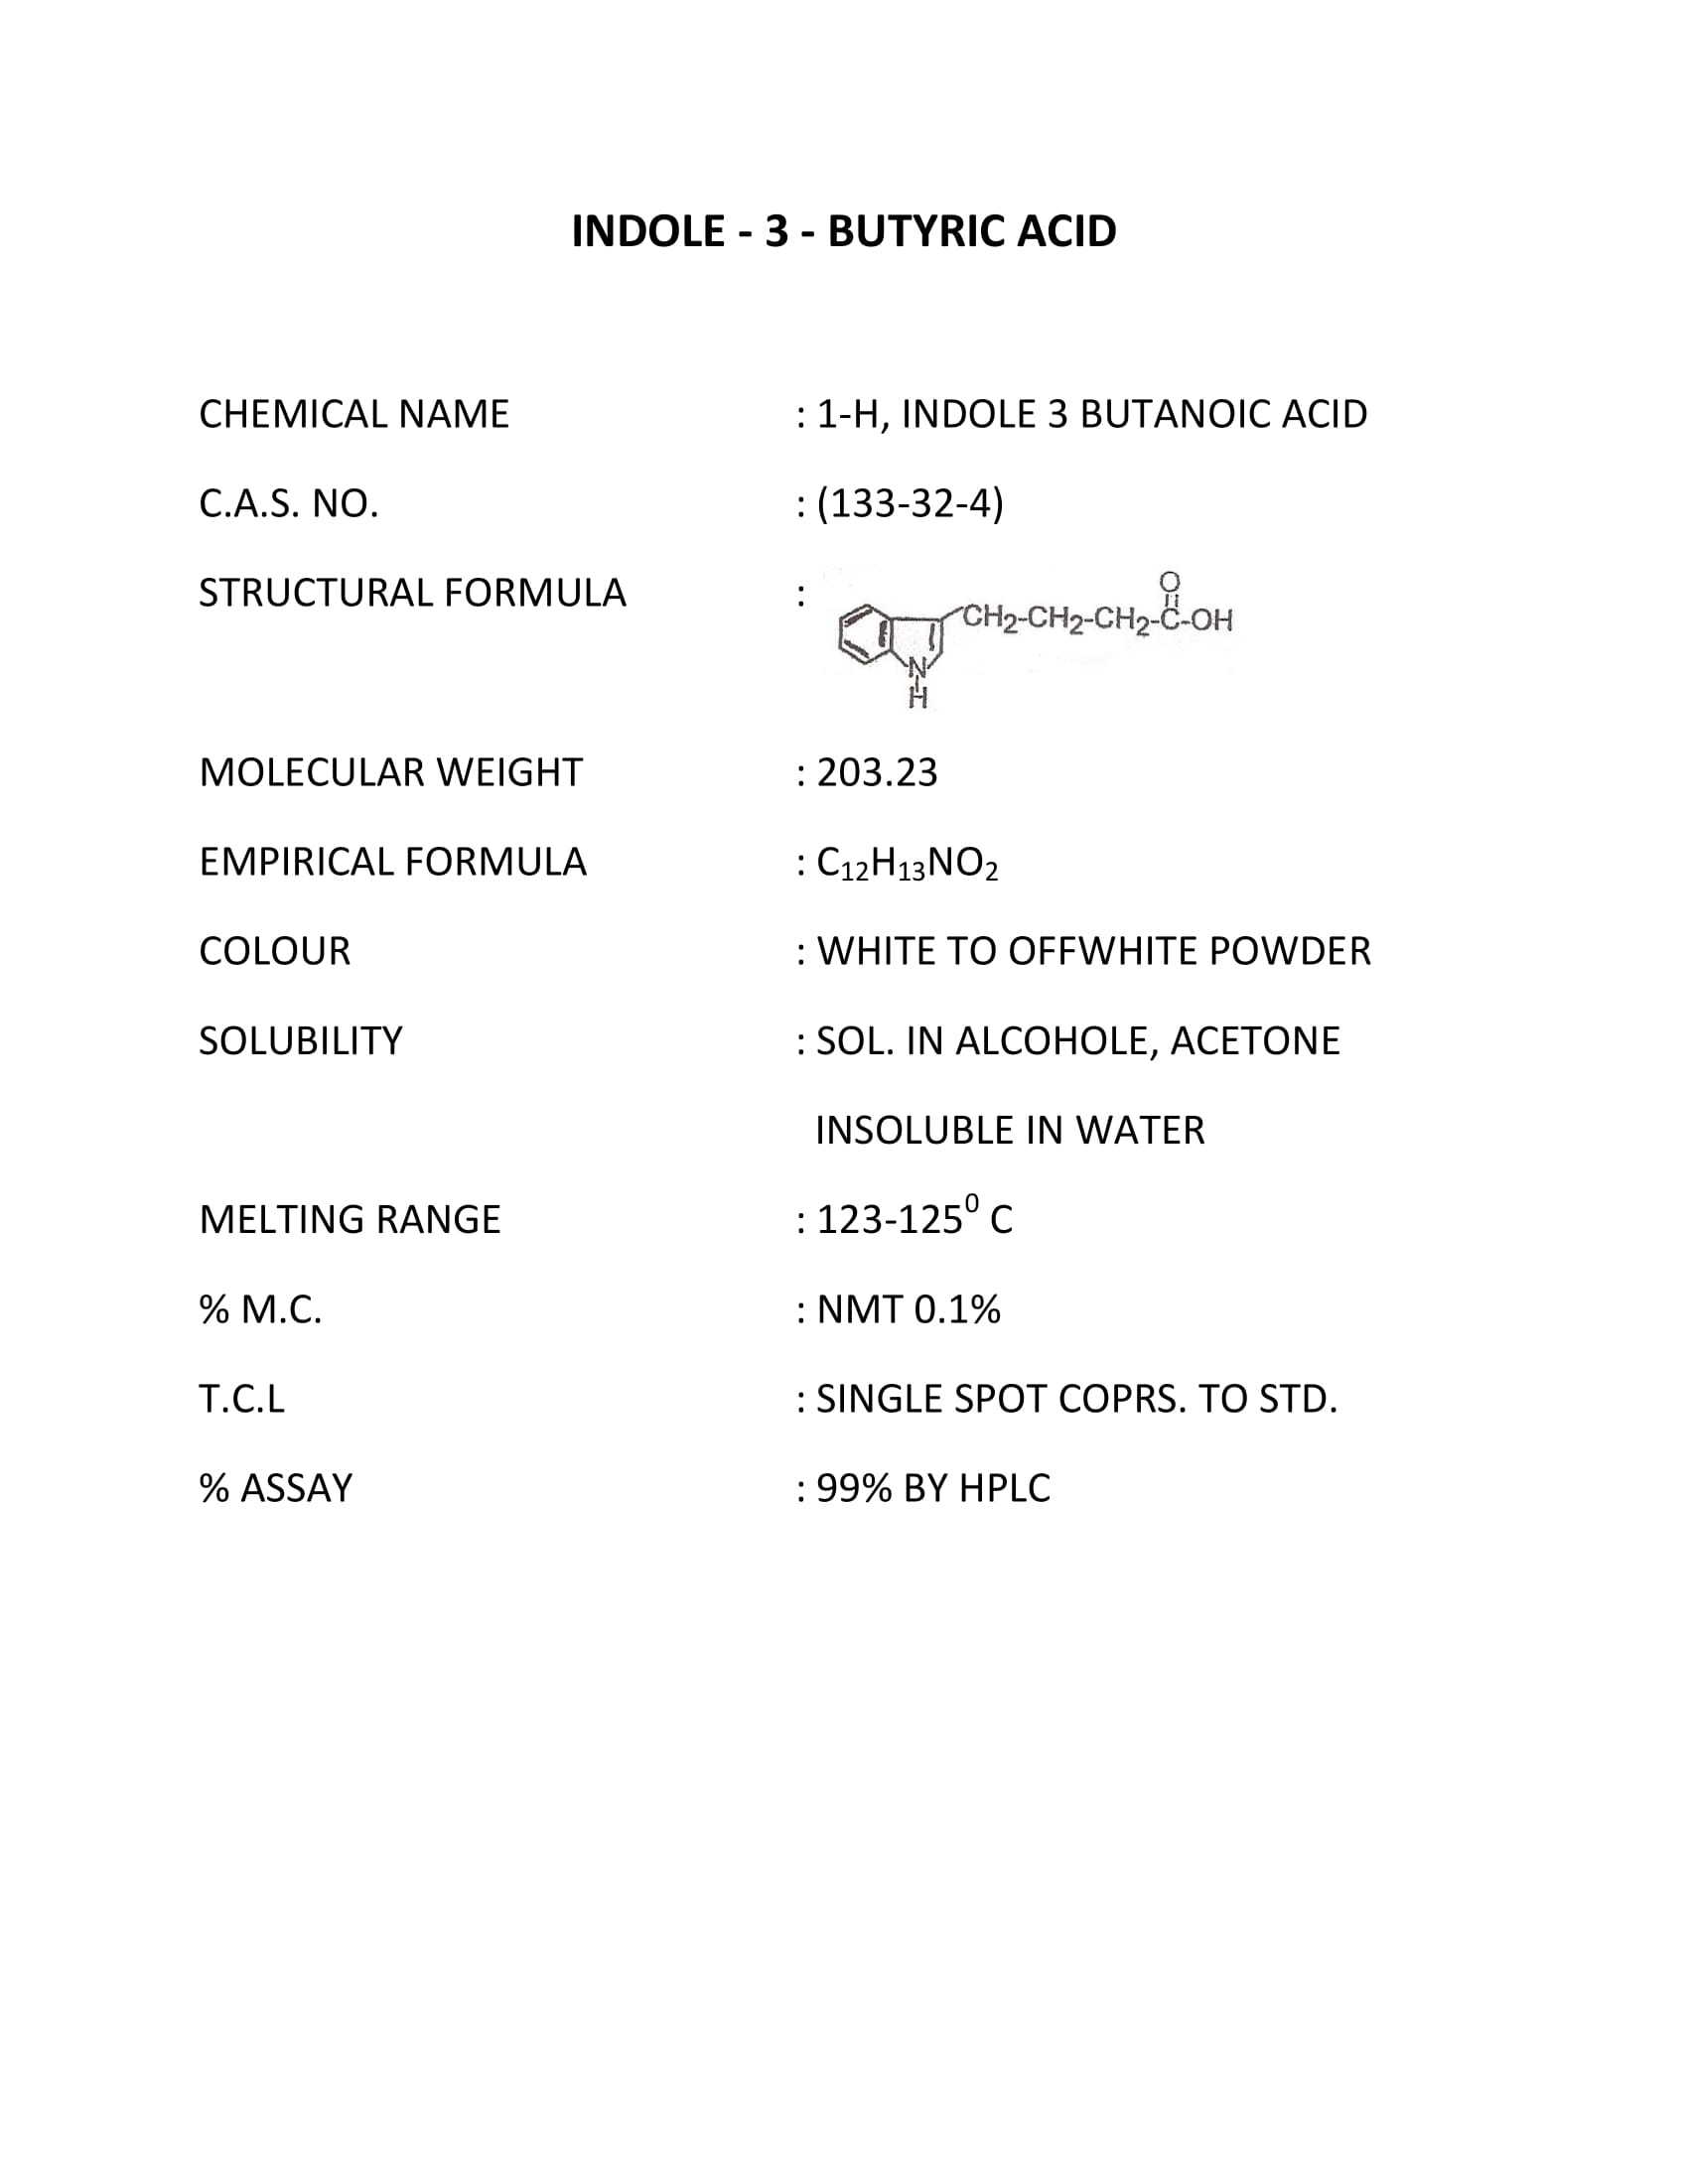 Indole 3 butyric acid